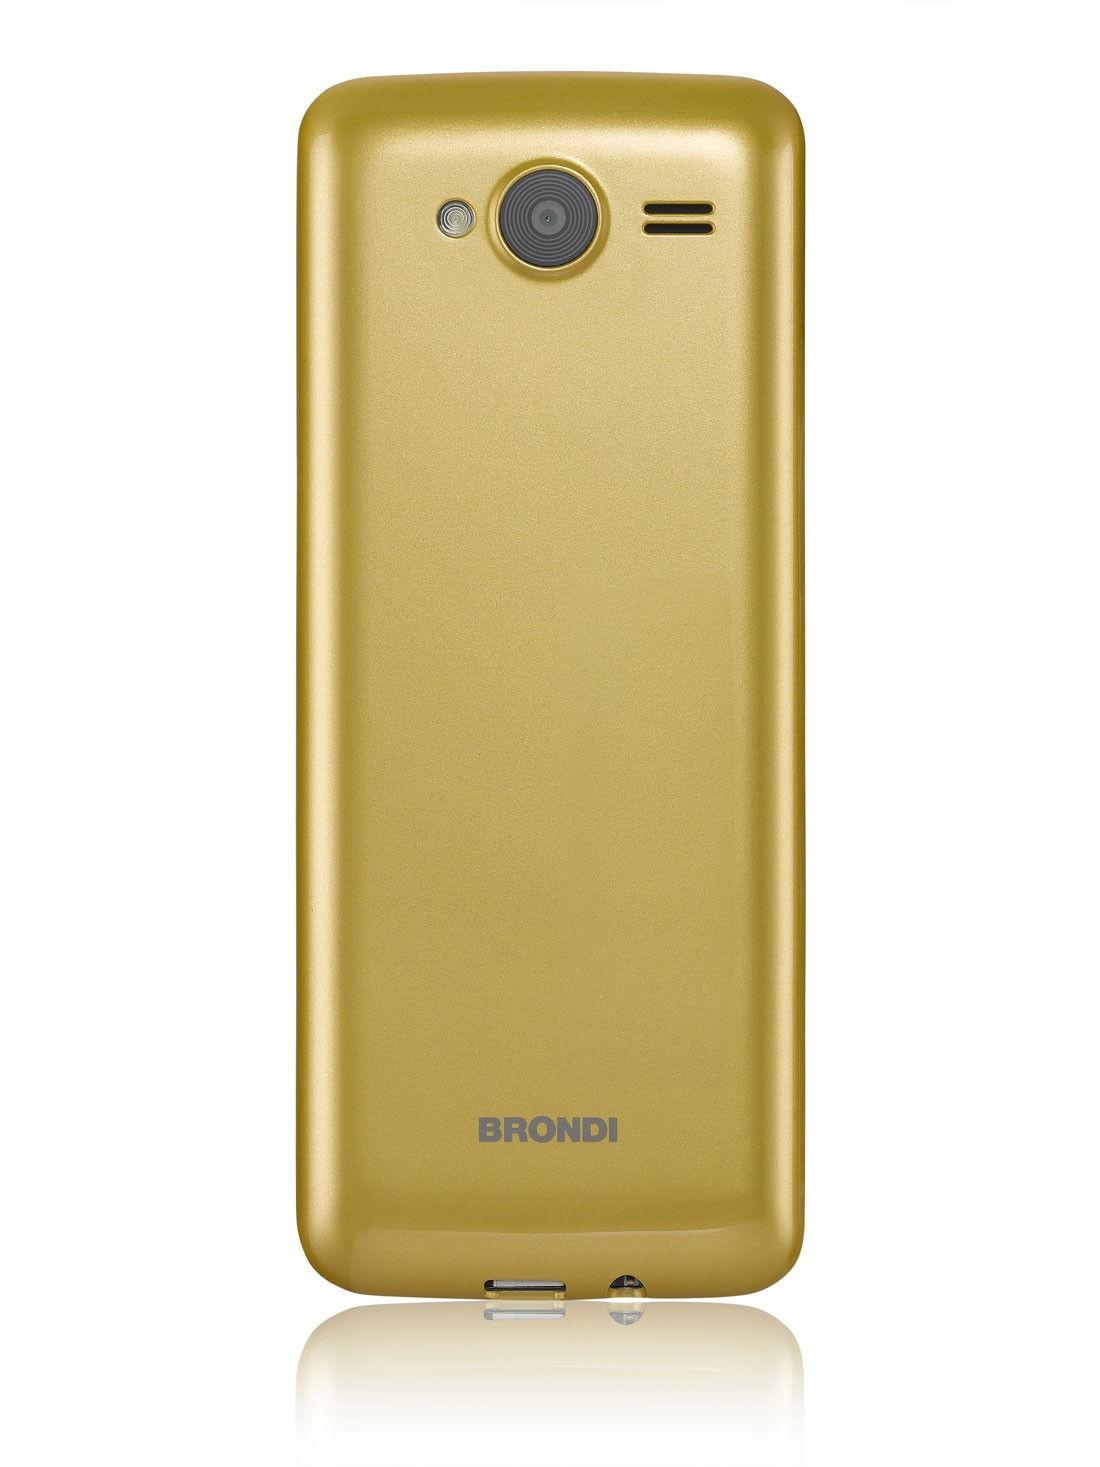 Brondi Gold Blade Gold